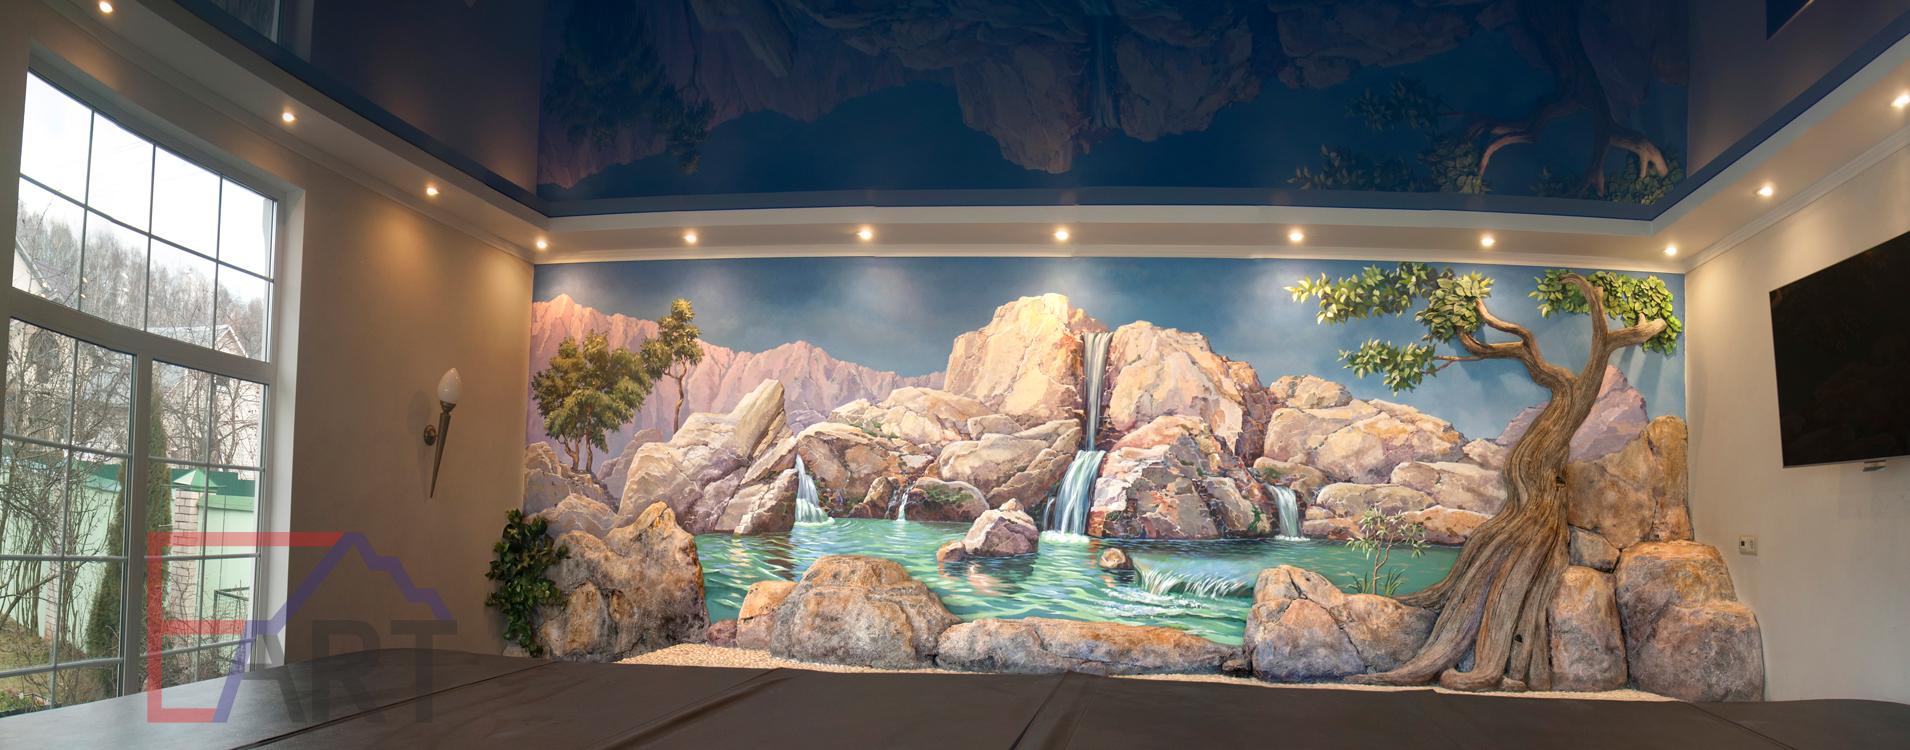 Настенная роспись: пейзаж с водопадом и скалами и барельеф в виде камней и дерева в спа-комнате. Московская область.